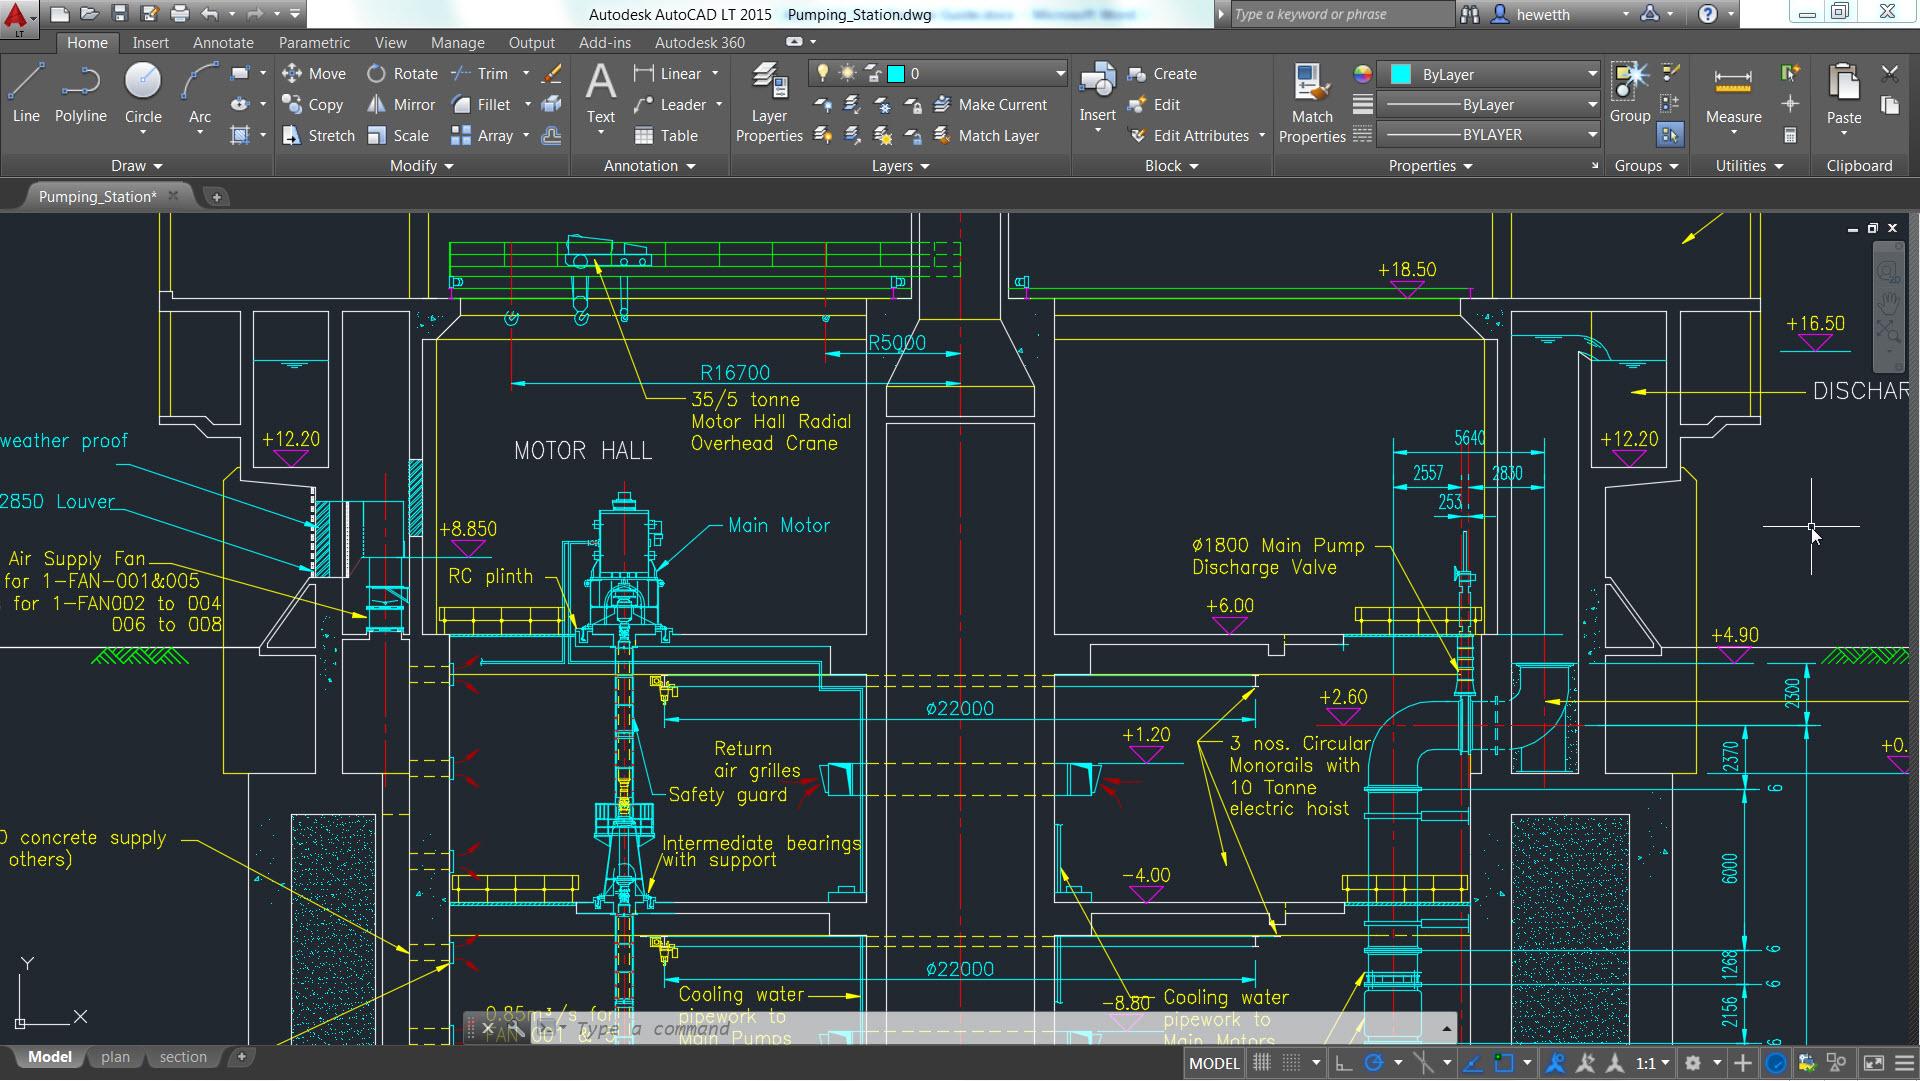 تحميل برنامج اوتوكاد 2014 مجانا عربى للتصميم الهندسى